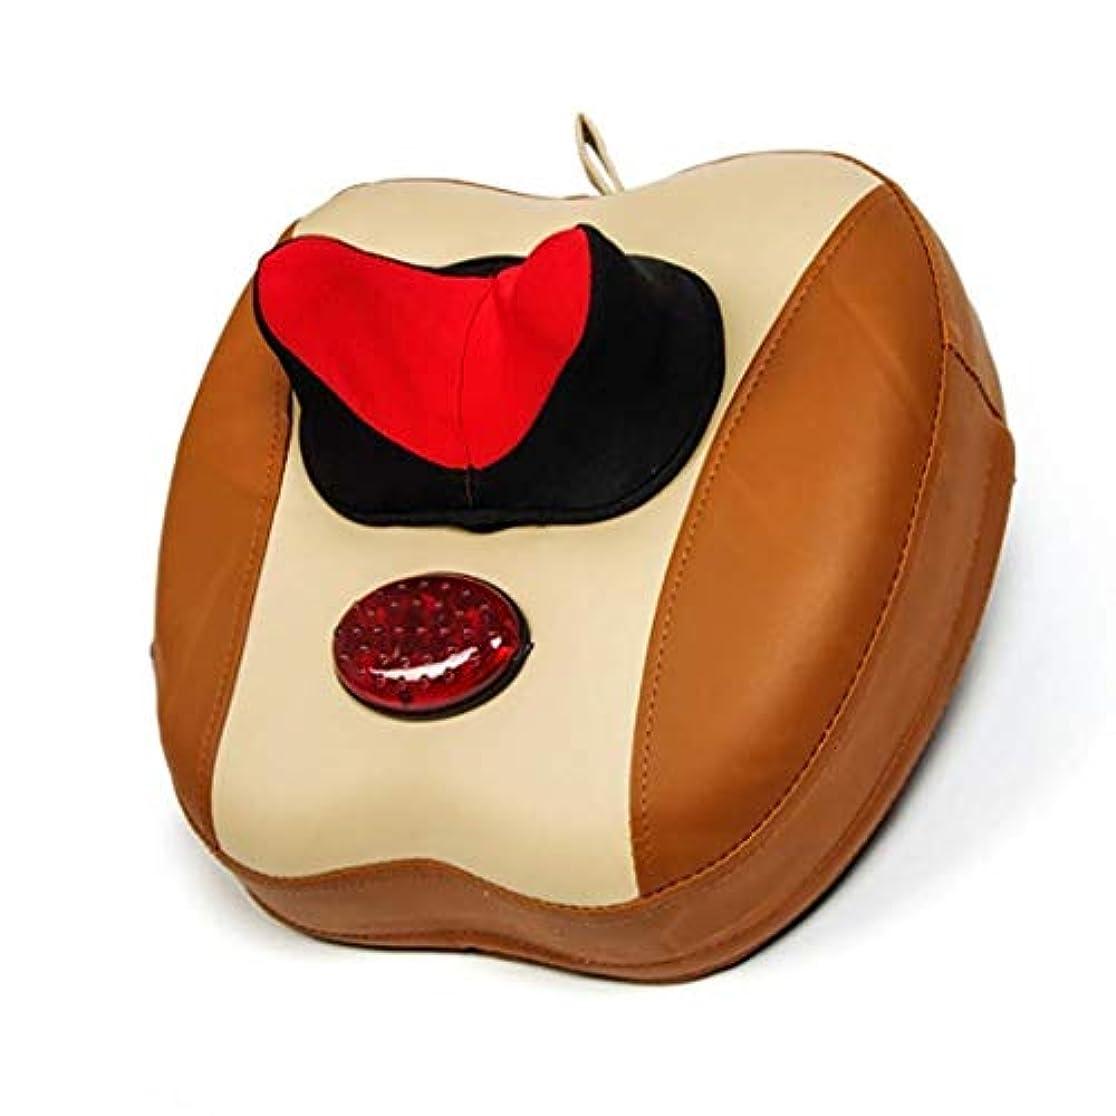 ビットジョブサーカス電動マッサージ枕、指圧マッサージネックマッサージ-マッサージ枕、ホットショルダー、ウエスト、脚、足を混練-筋肉痛を和らげるためにホームオフィスや車で使用できます